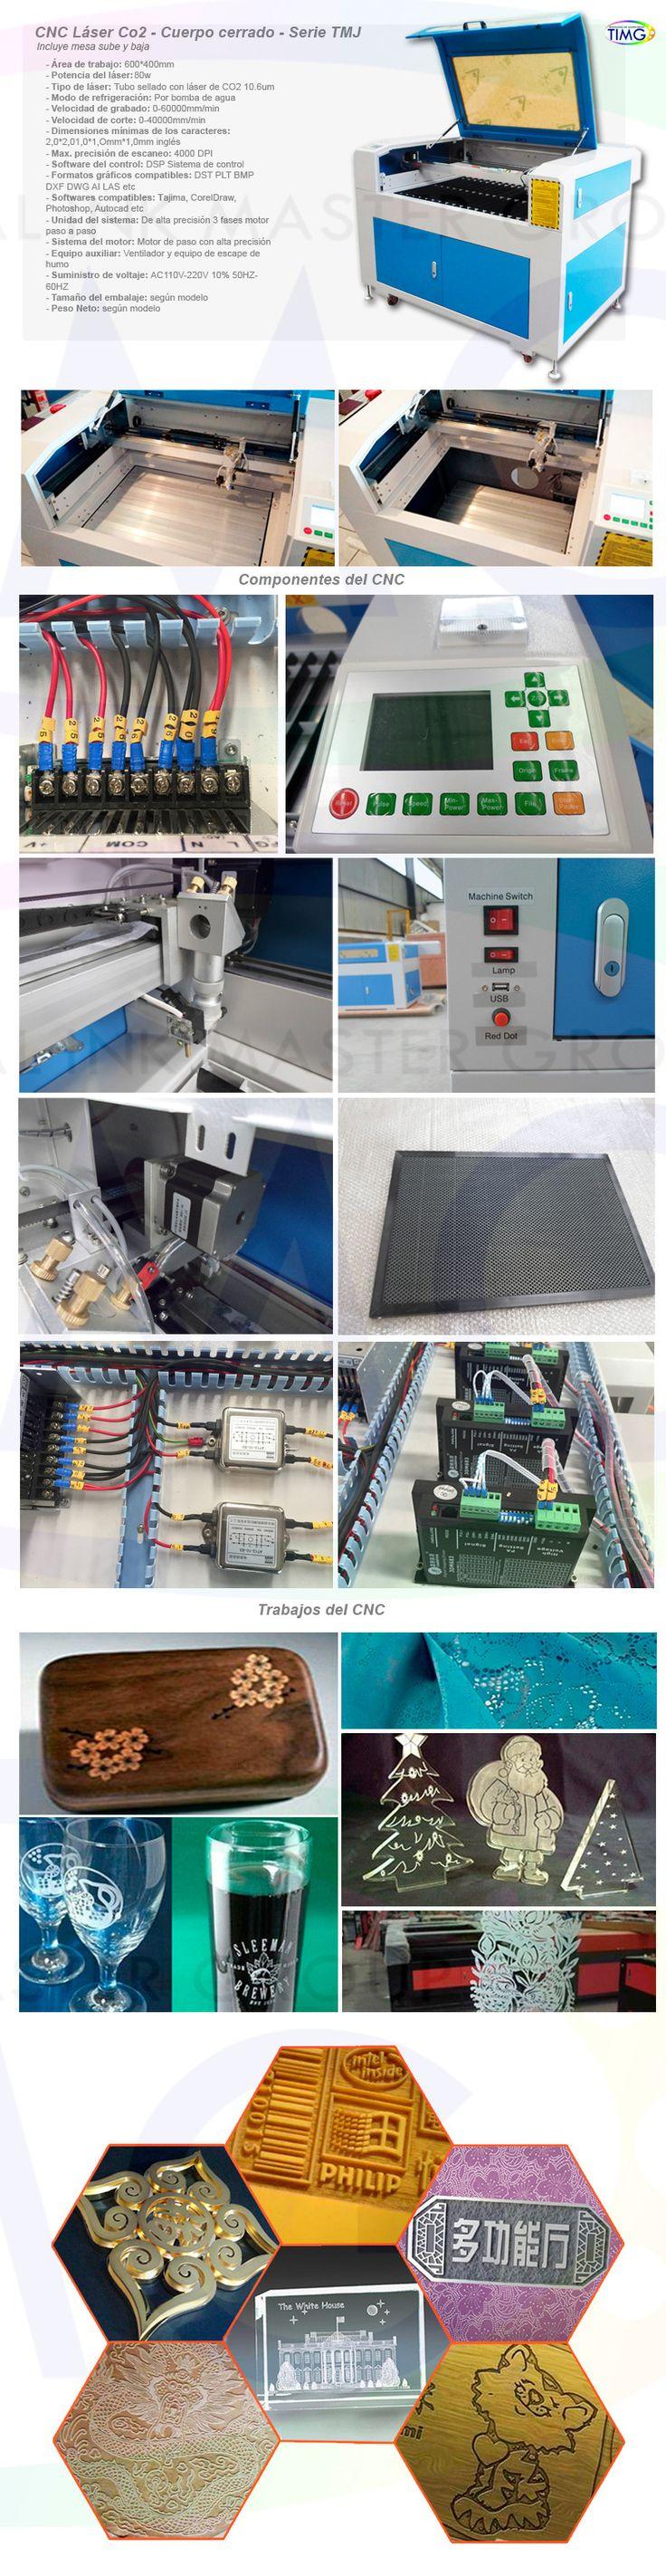 Disponibles CNC laser 6040 80w y 130w con cama sube y baja, corte de acrilico, plastico, tela, carton goma, y más - http://www.suministro.cl/product_p/6503010402.htm#utm_sguid=166629,f3ccd677-cefd-5d29-6bed-4eed5db0e14e